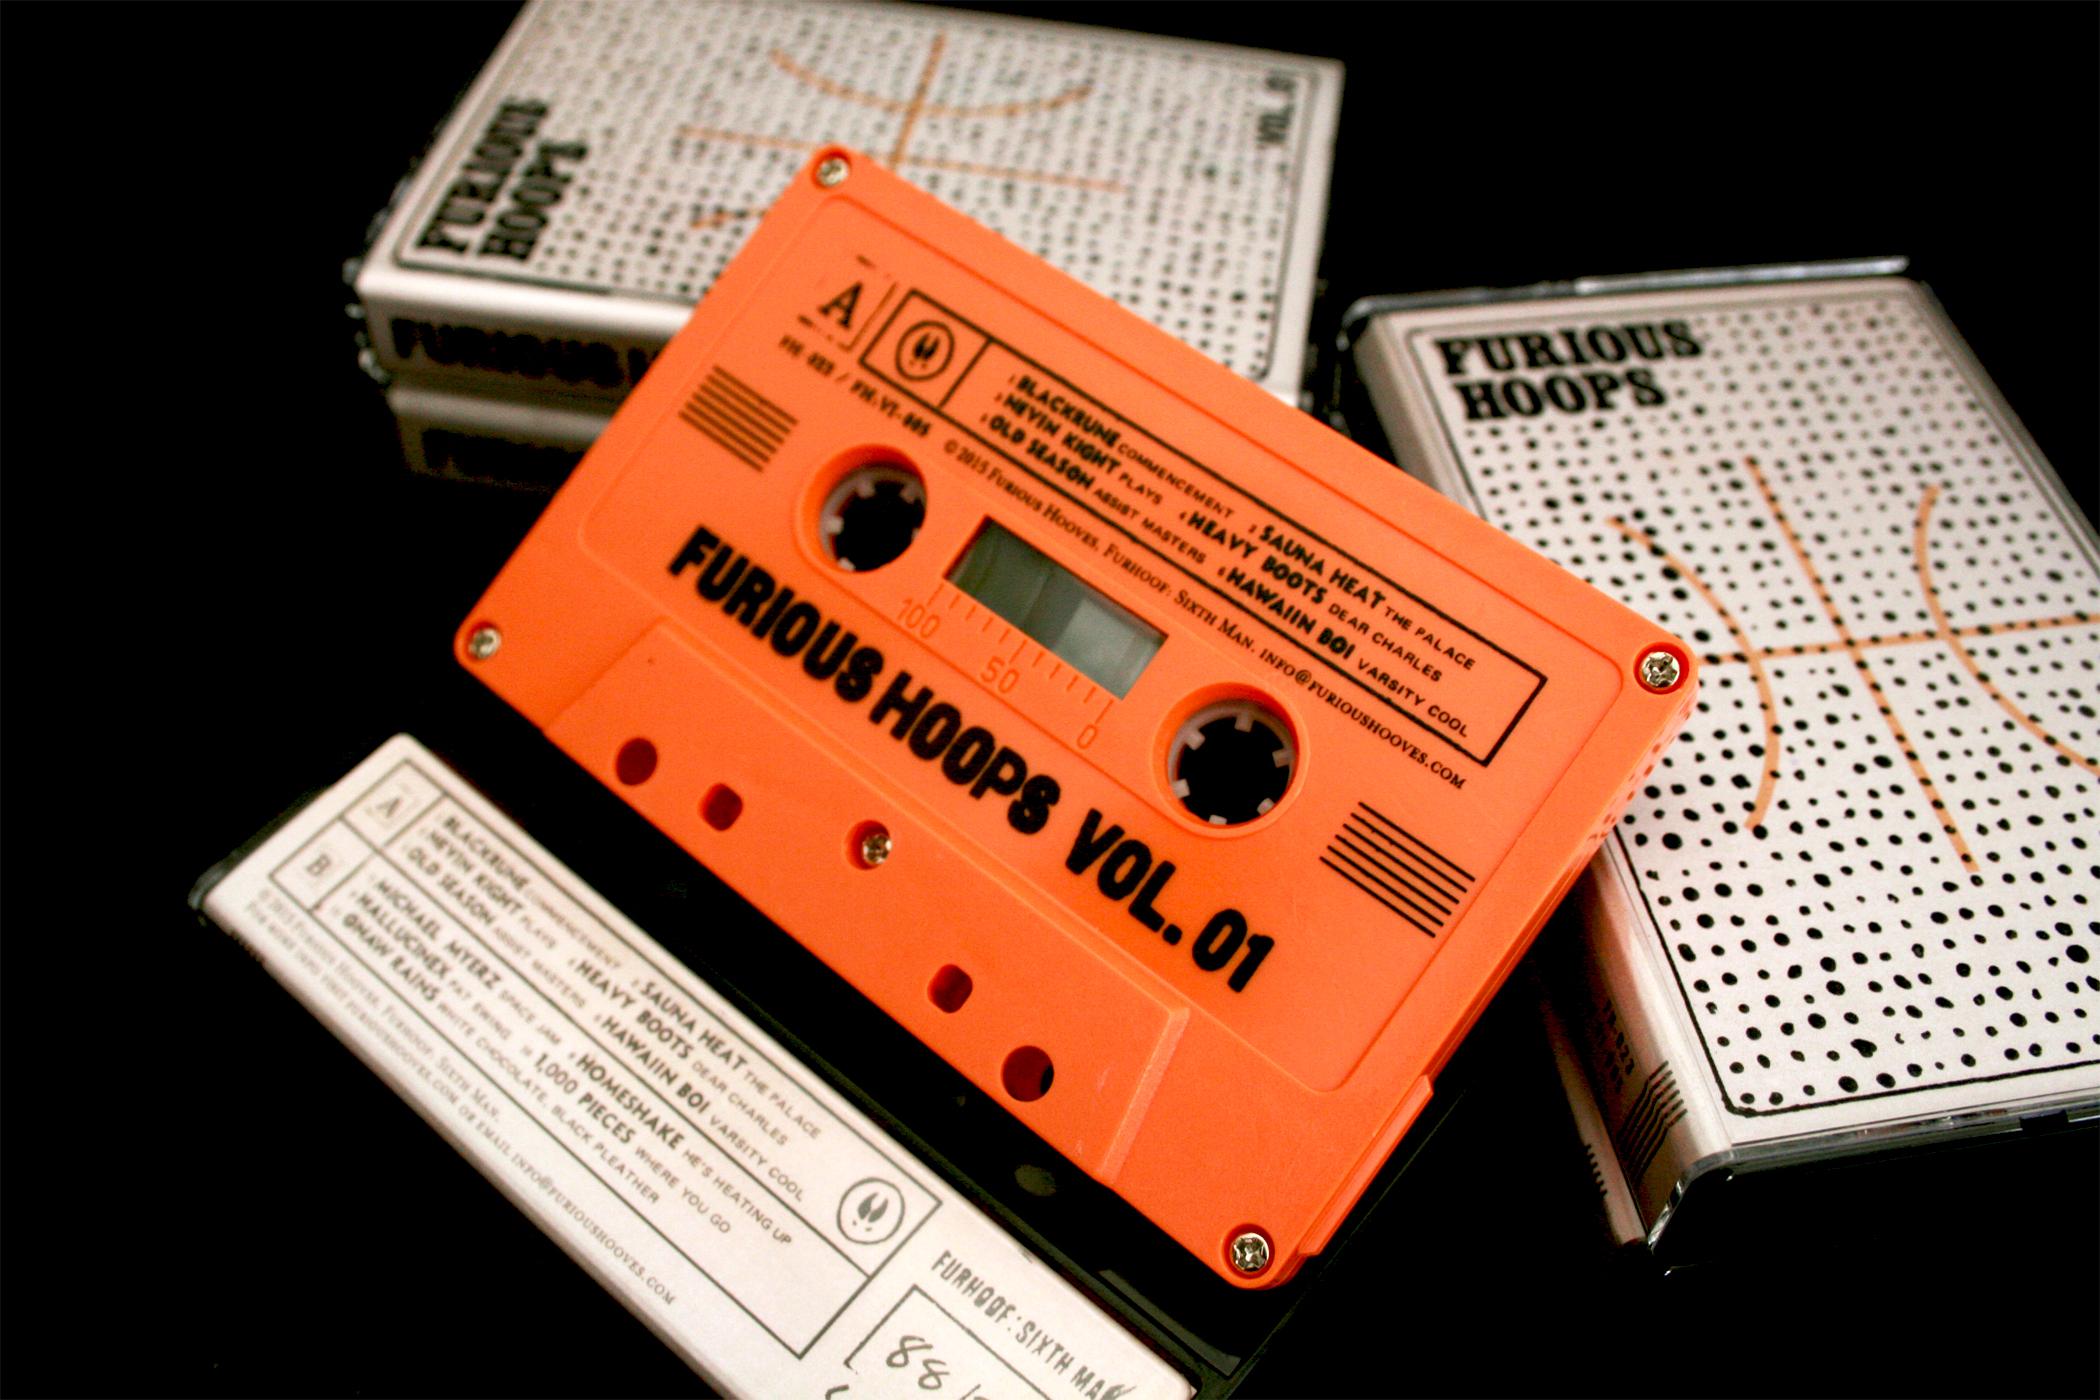 FH-023 Furious Hoops - PressPhoto_Tape004 web.jpg